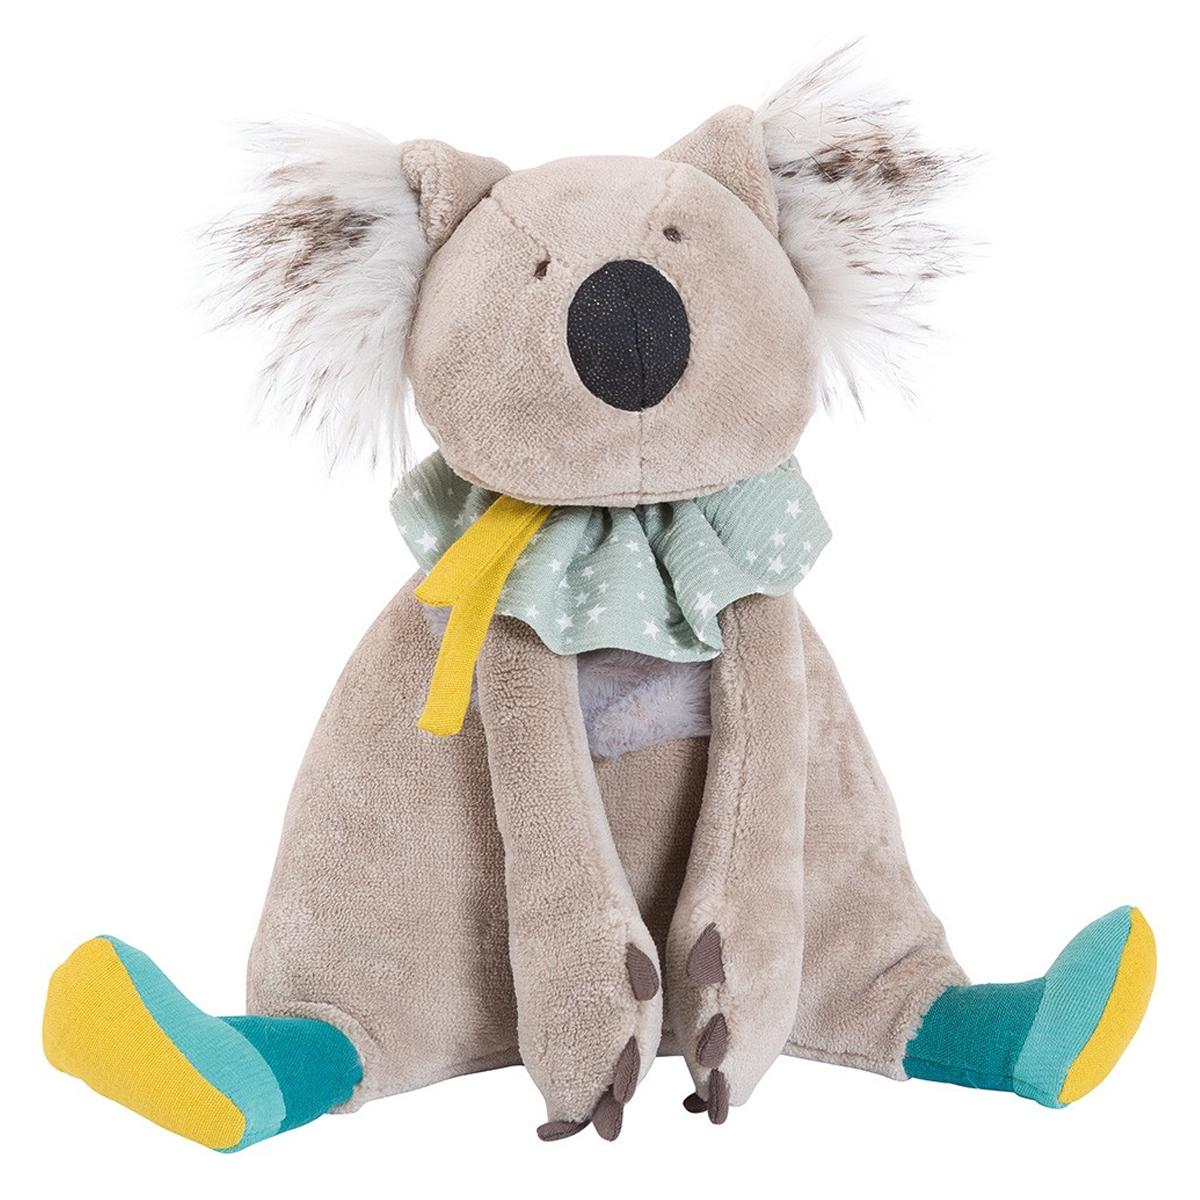 Mes premiers jouets Poupée Gabin le Koala - Les Roty Moulin Bazar Poupée Gabin le Koala - Les Roty Moulin Bazar